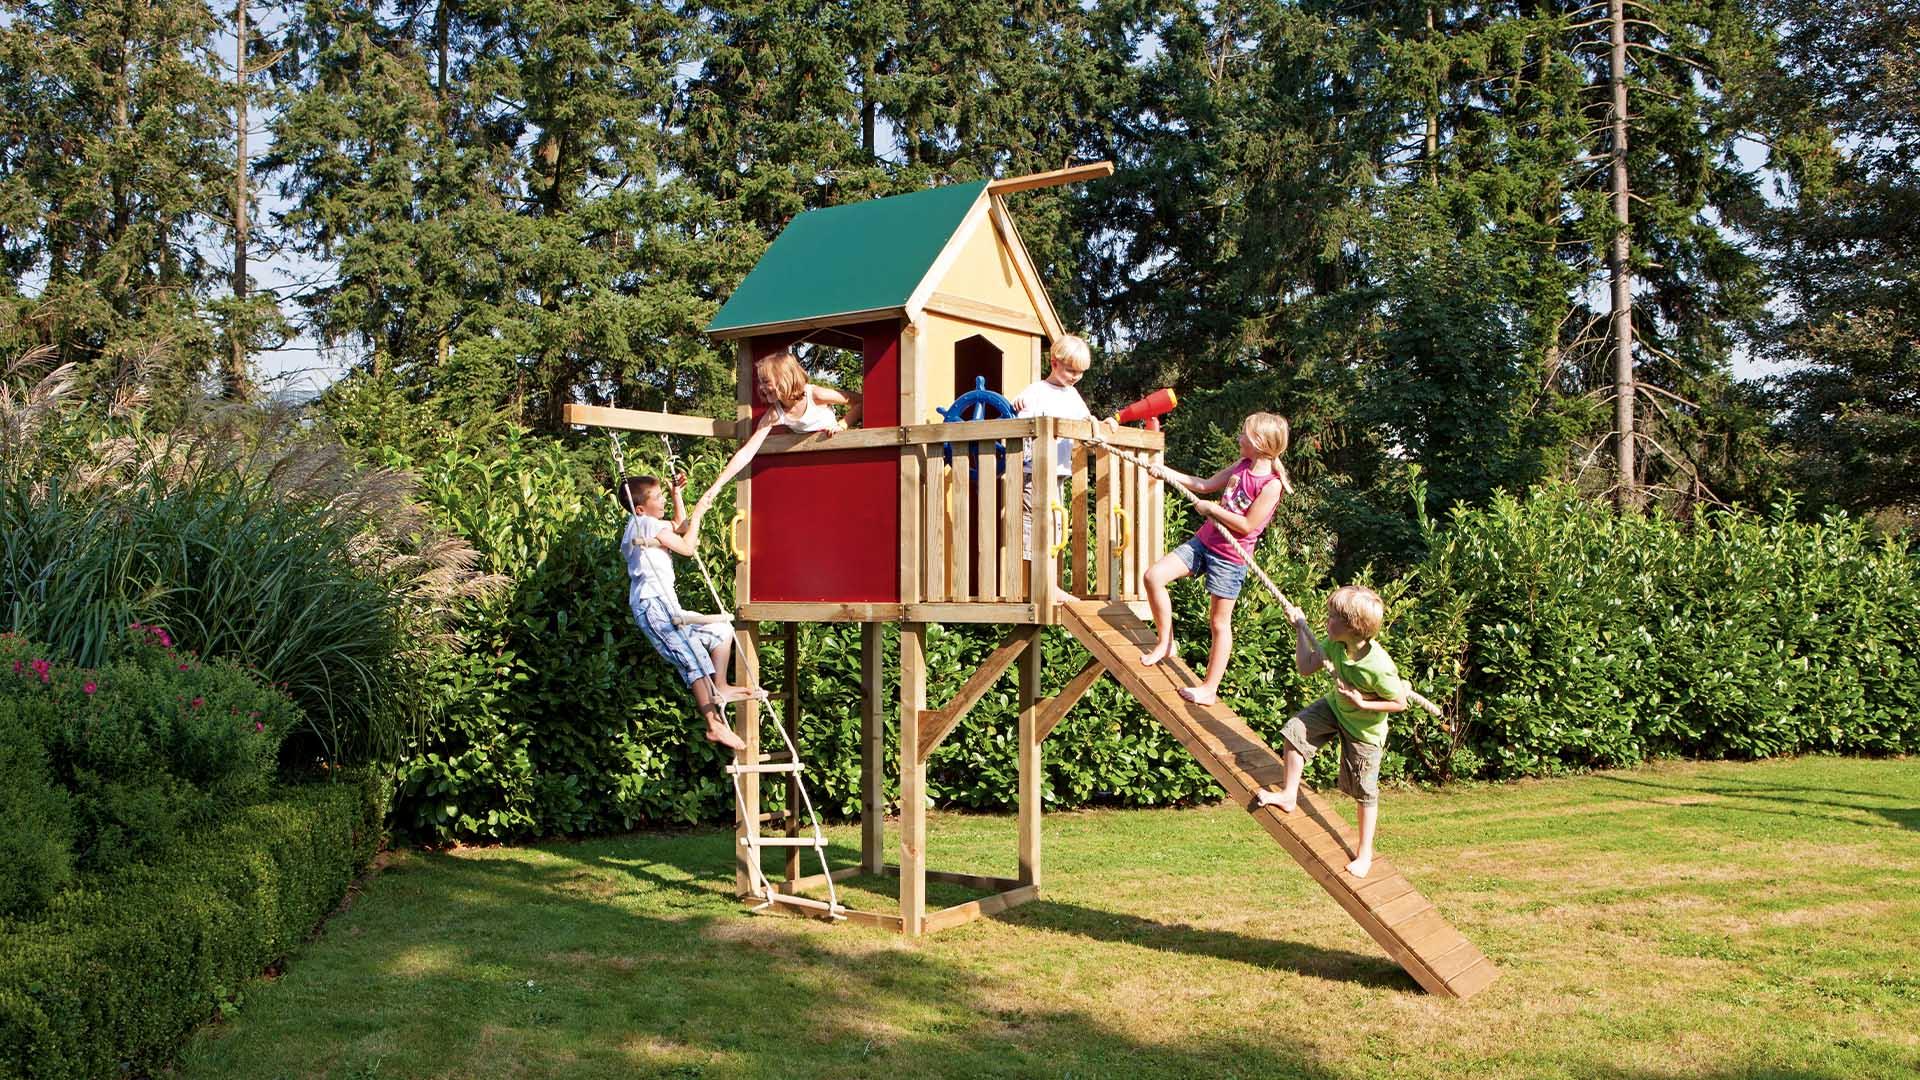 Spielgeräte  Holz Gar  Aumühle südlich von München Handy